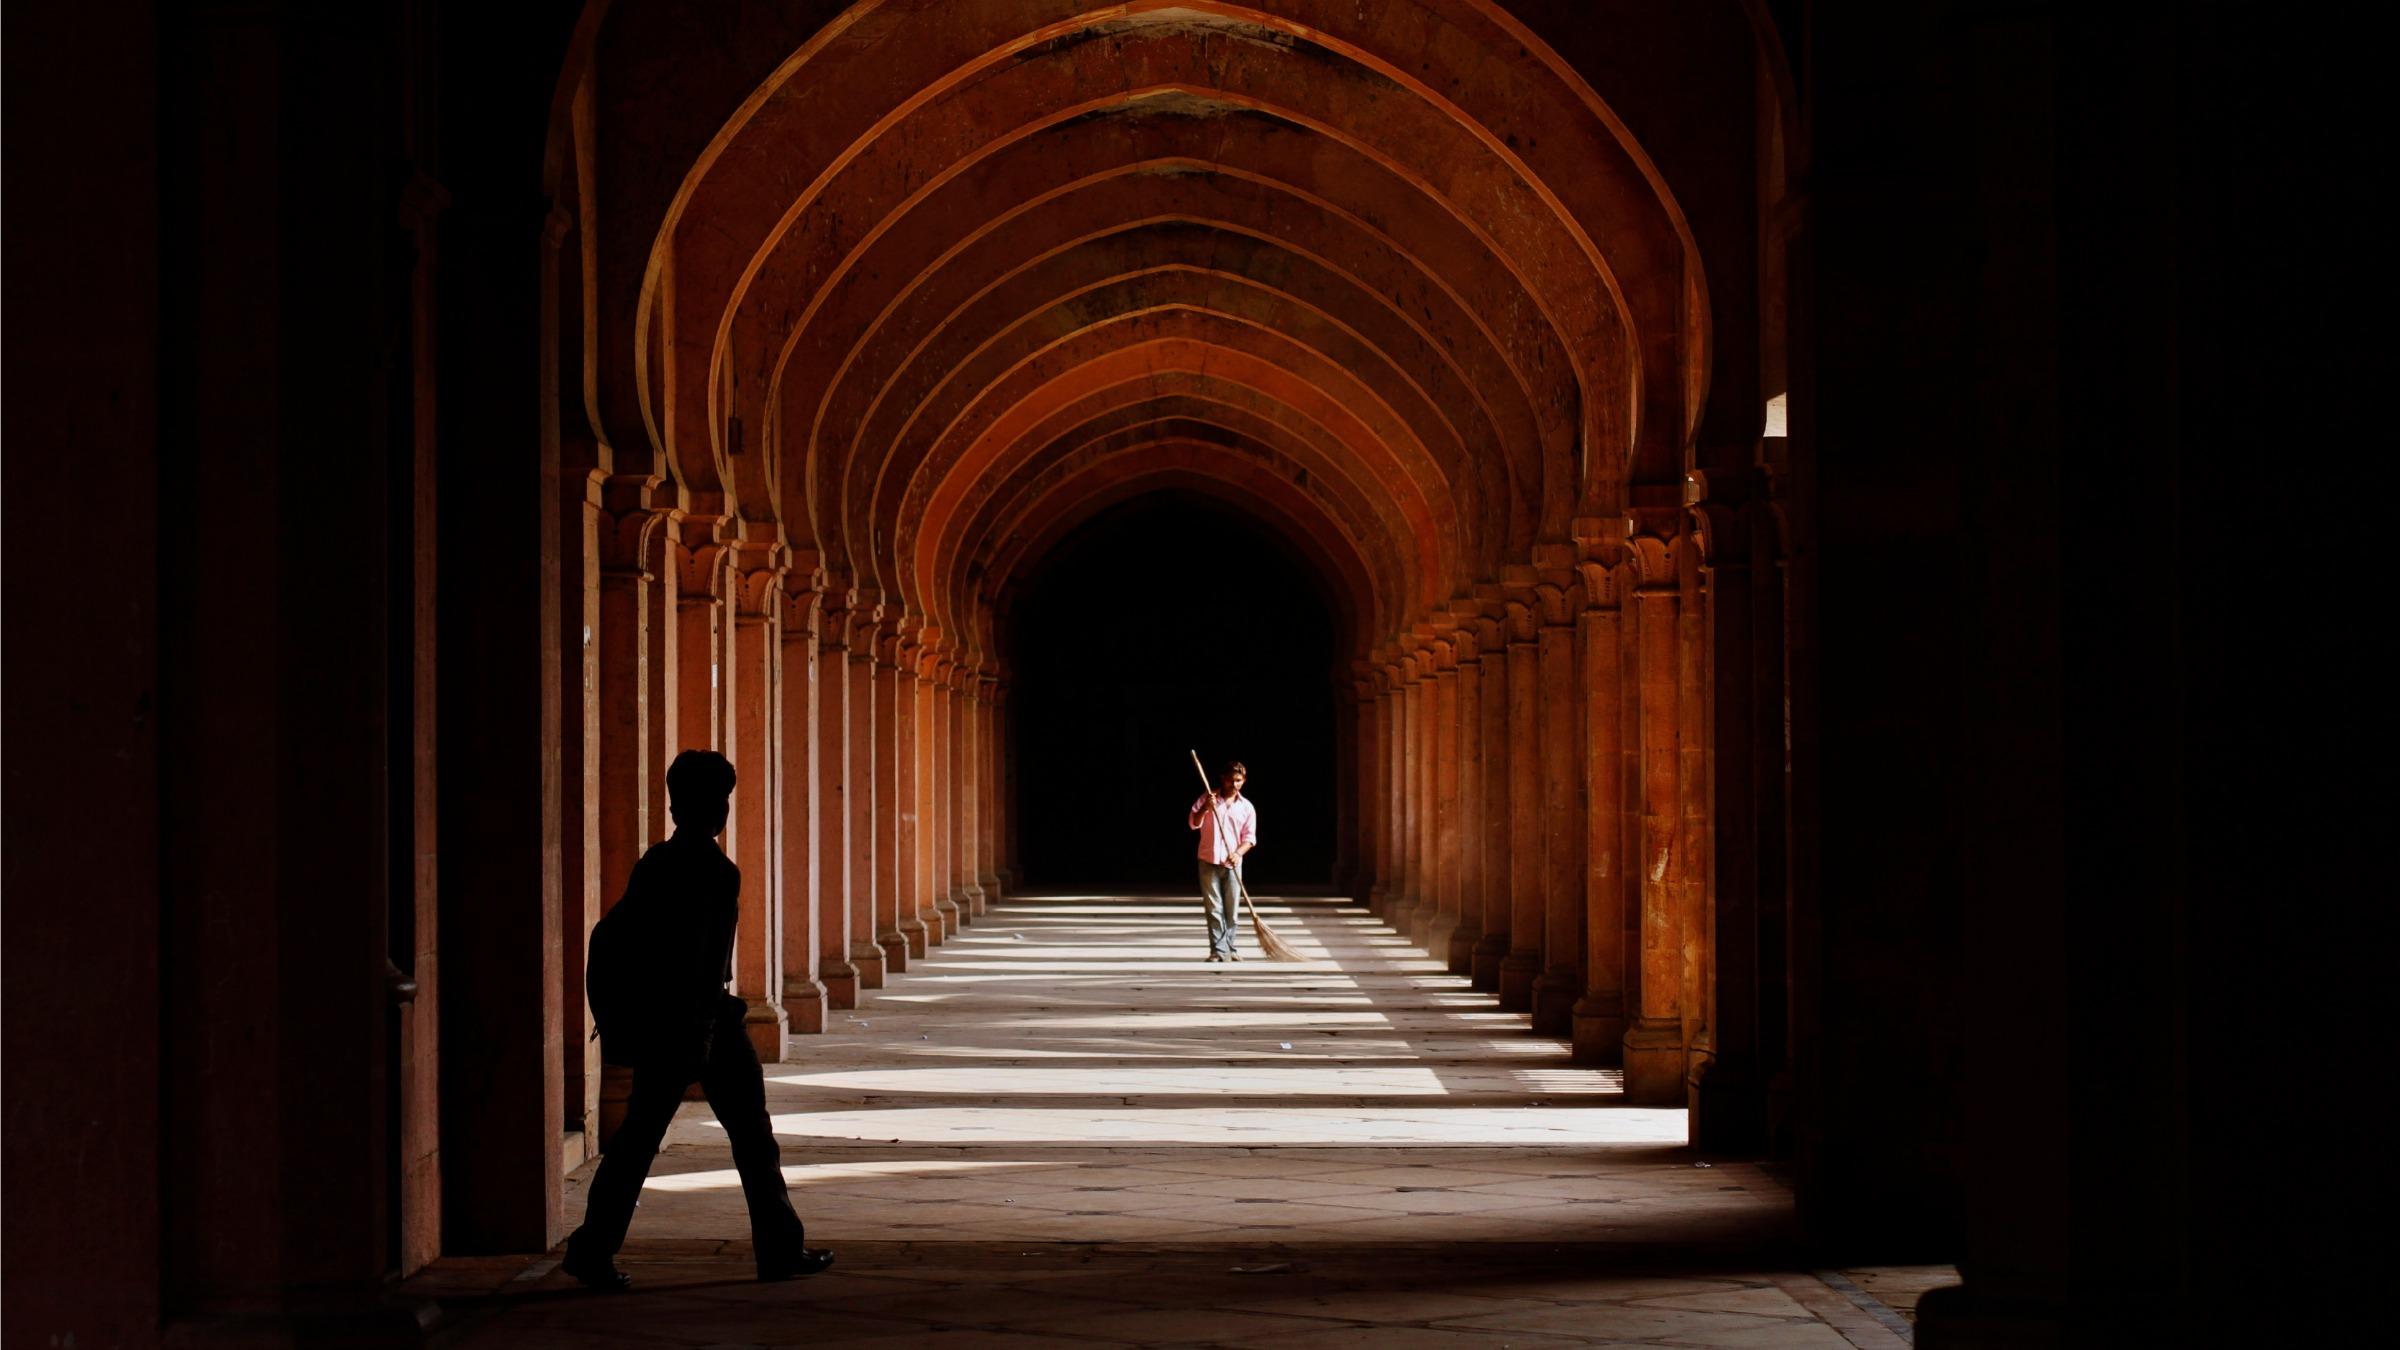 Allahabad University in Allahabad, India